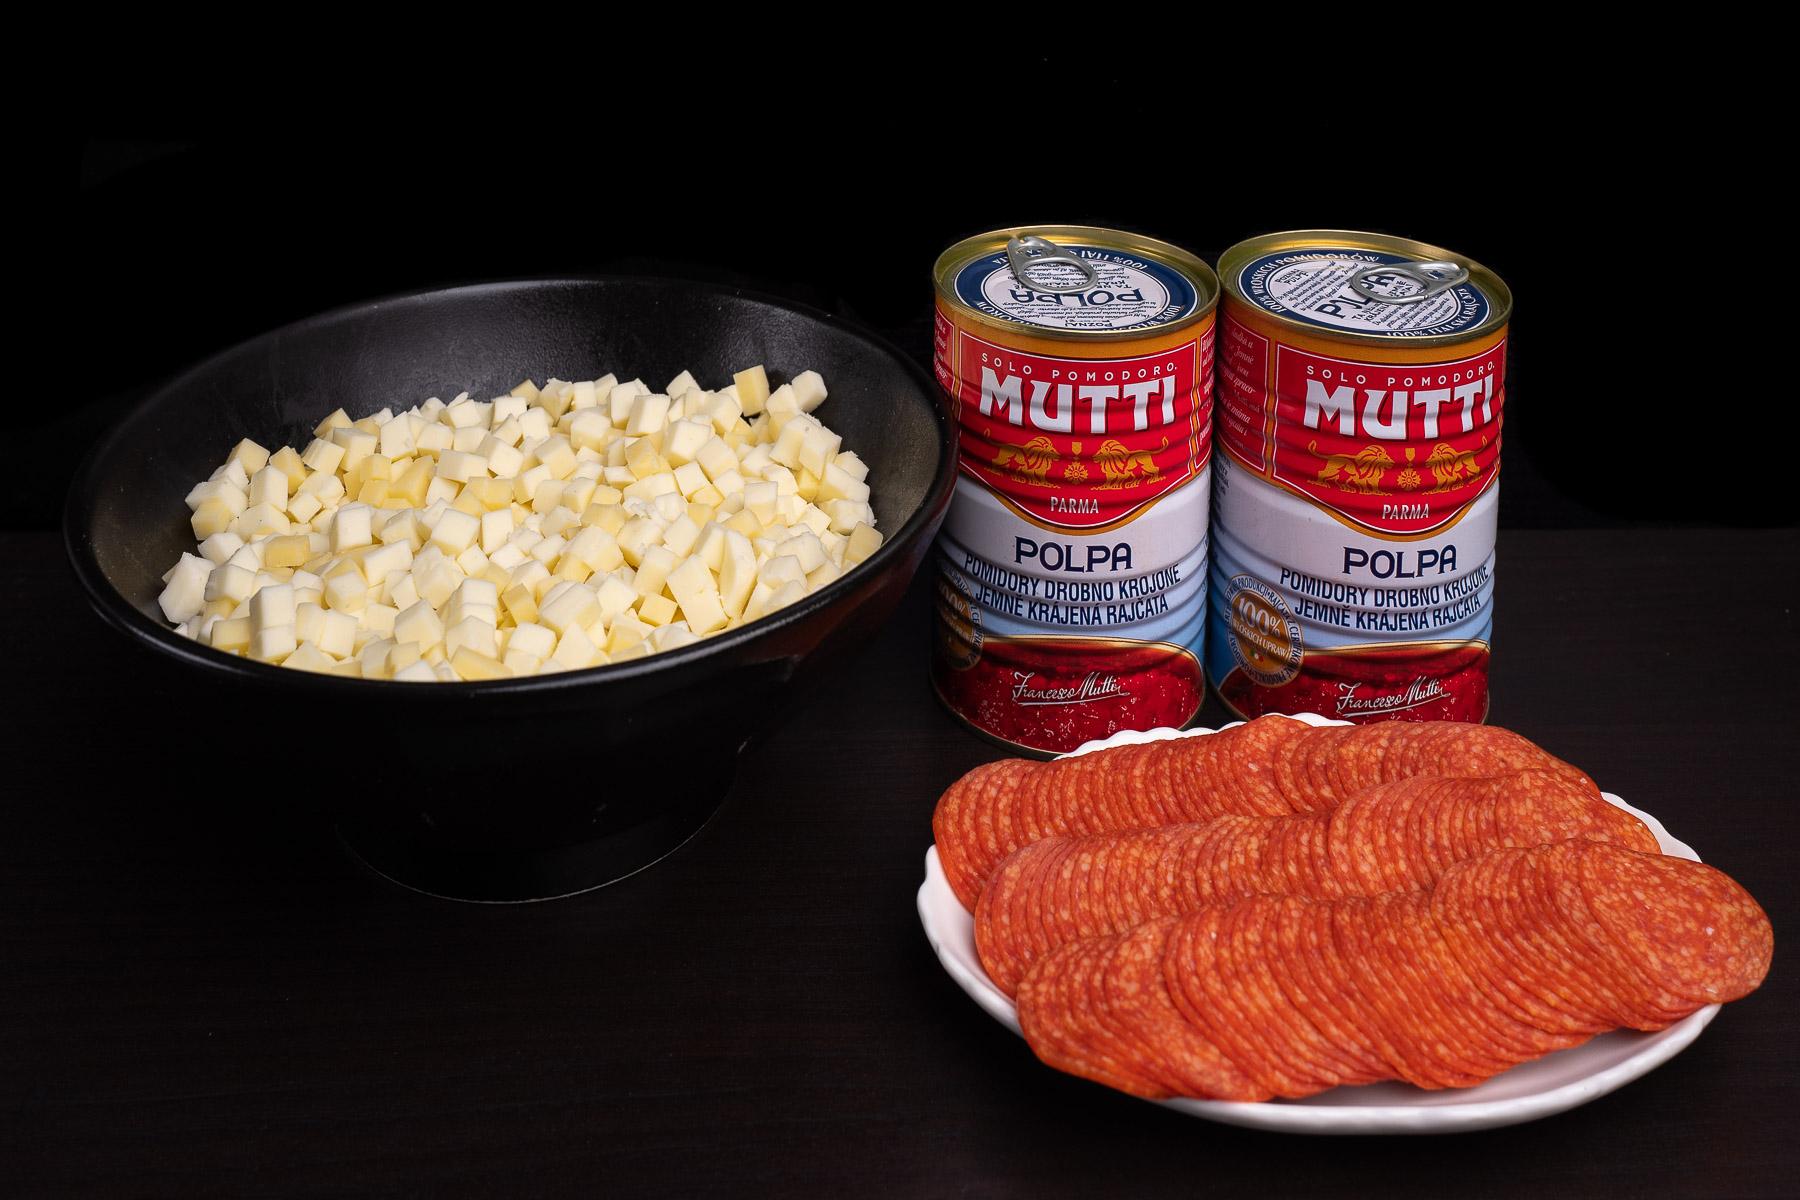 przygotowujemy główne składniki - sery, pomidory i pepperoni